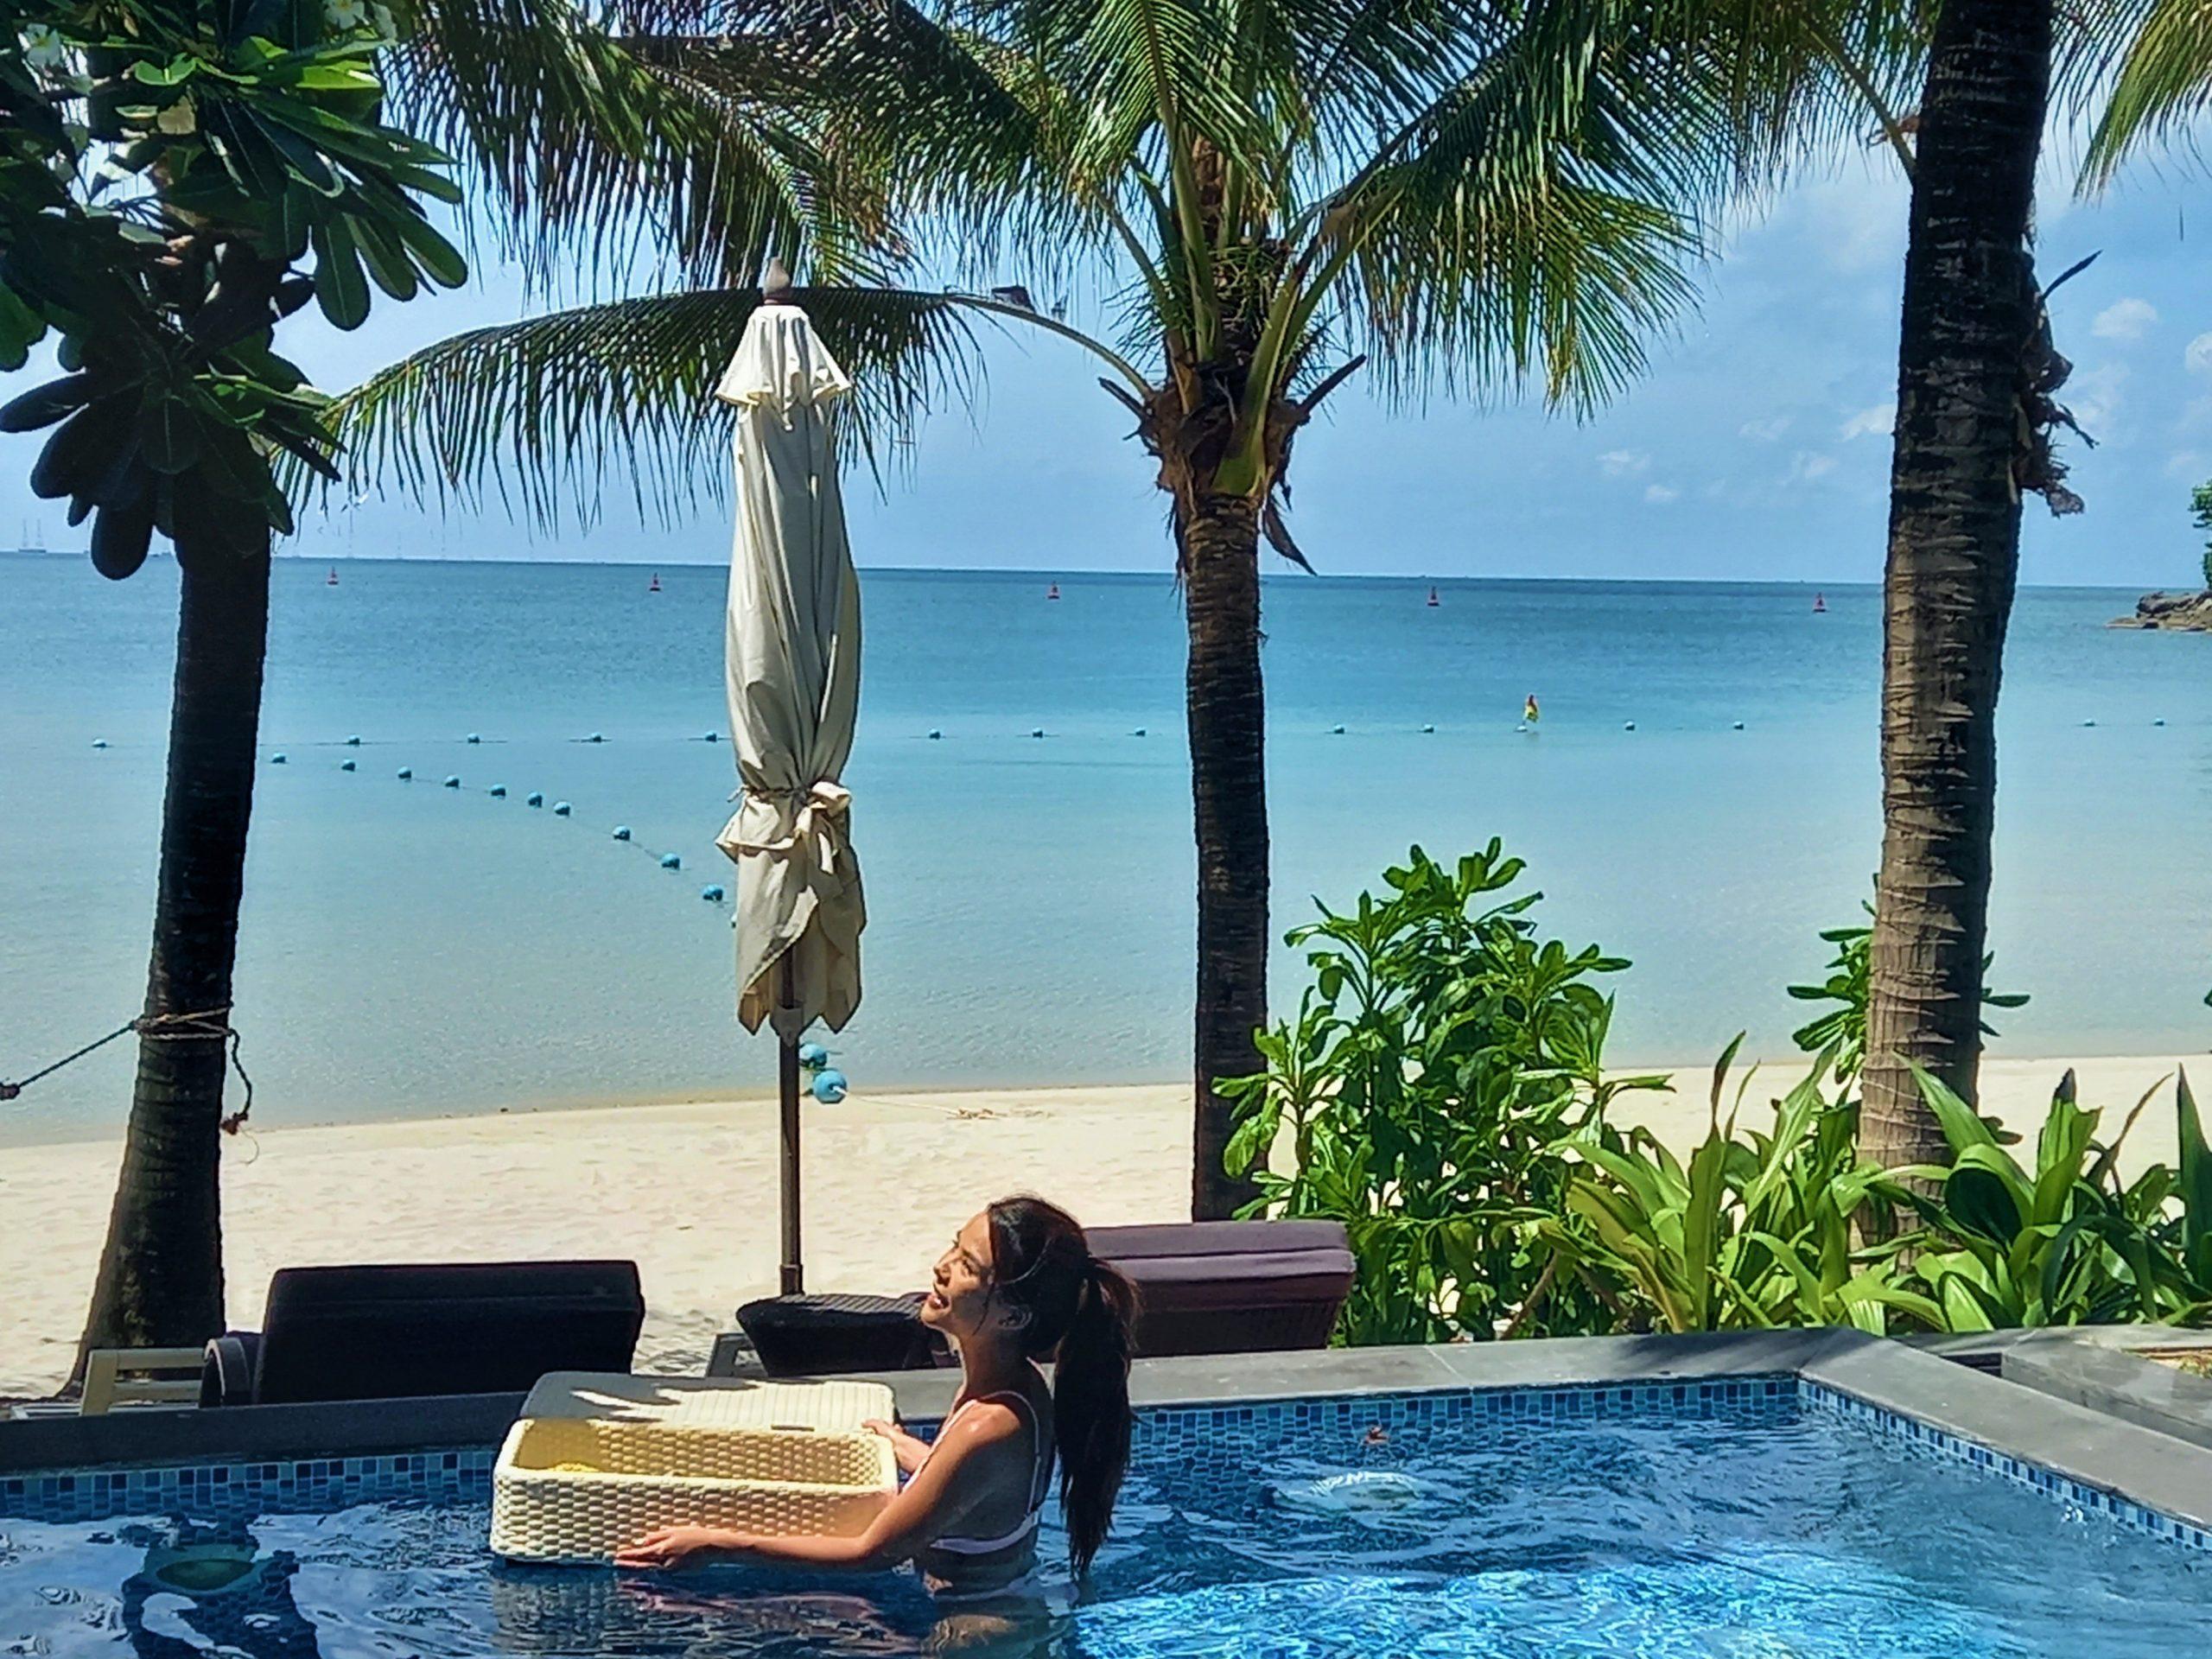 Floating basket meal, Premier Village Resort, Phu Quoc Island, Vietnam